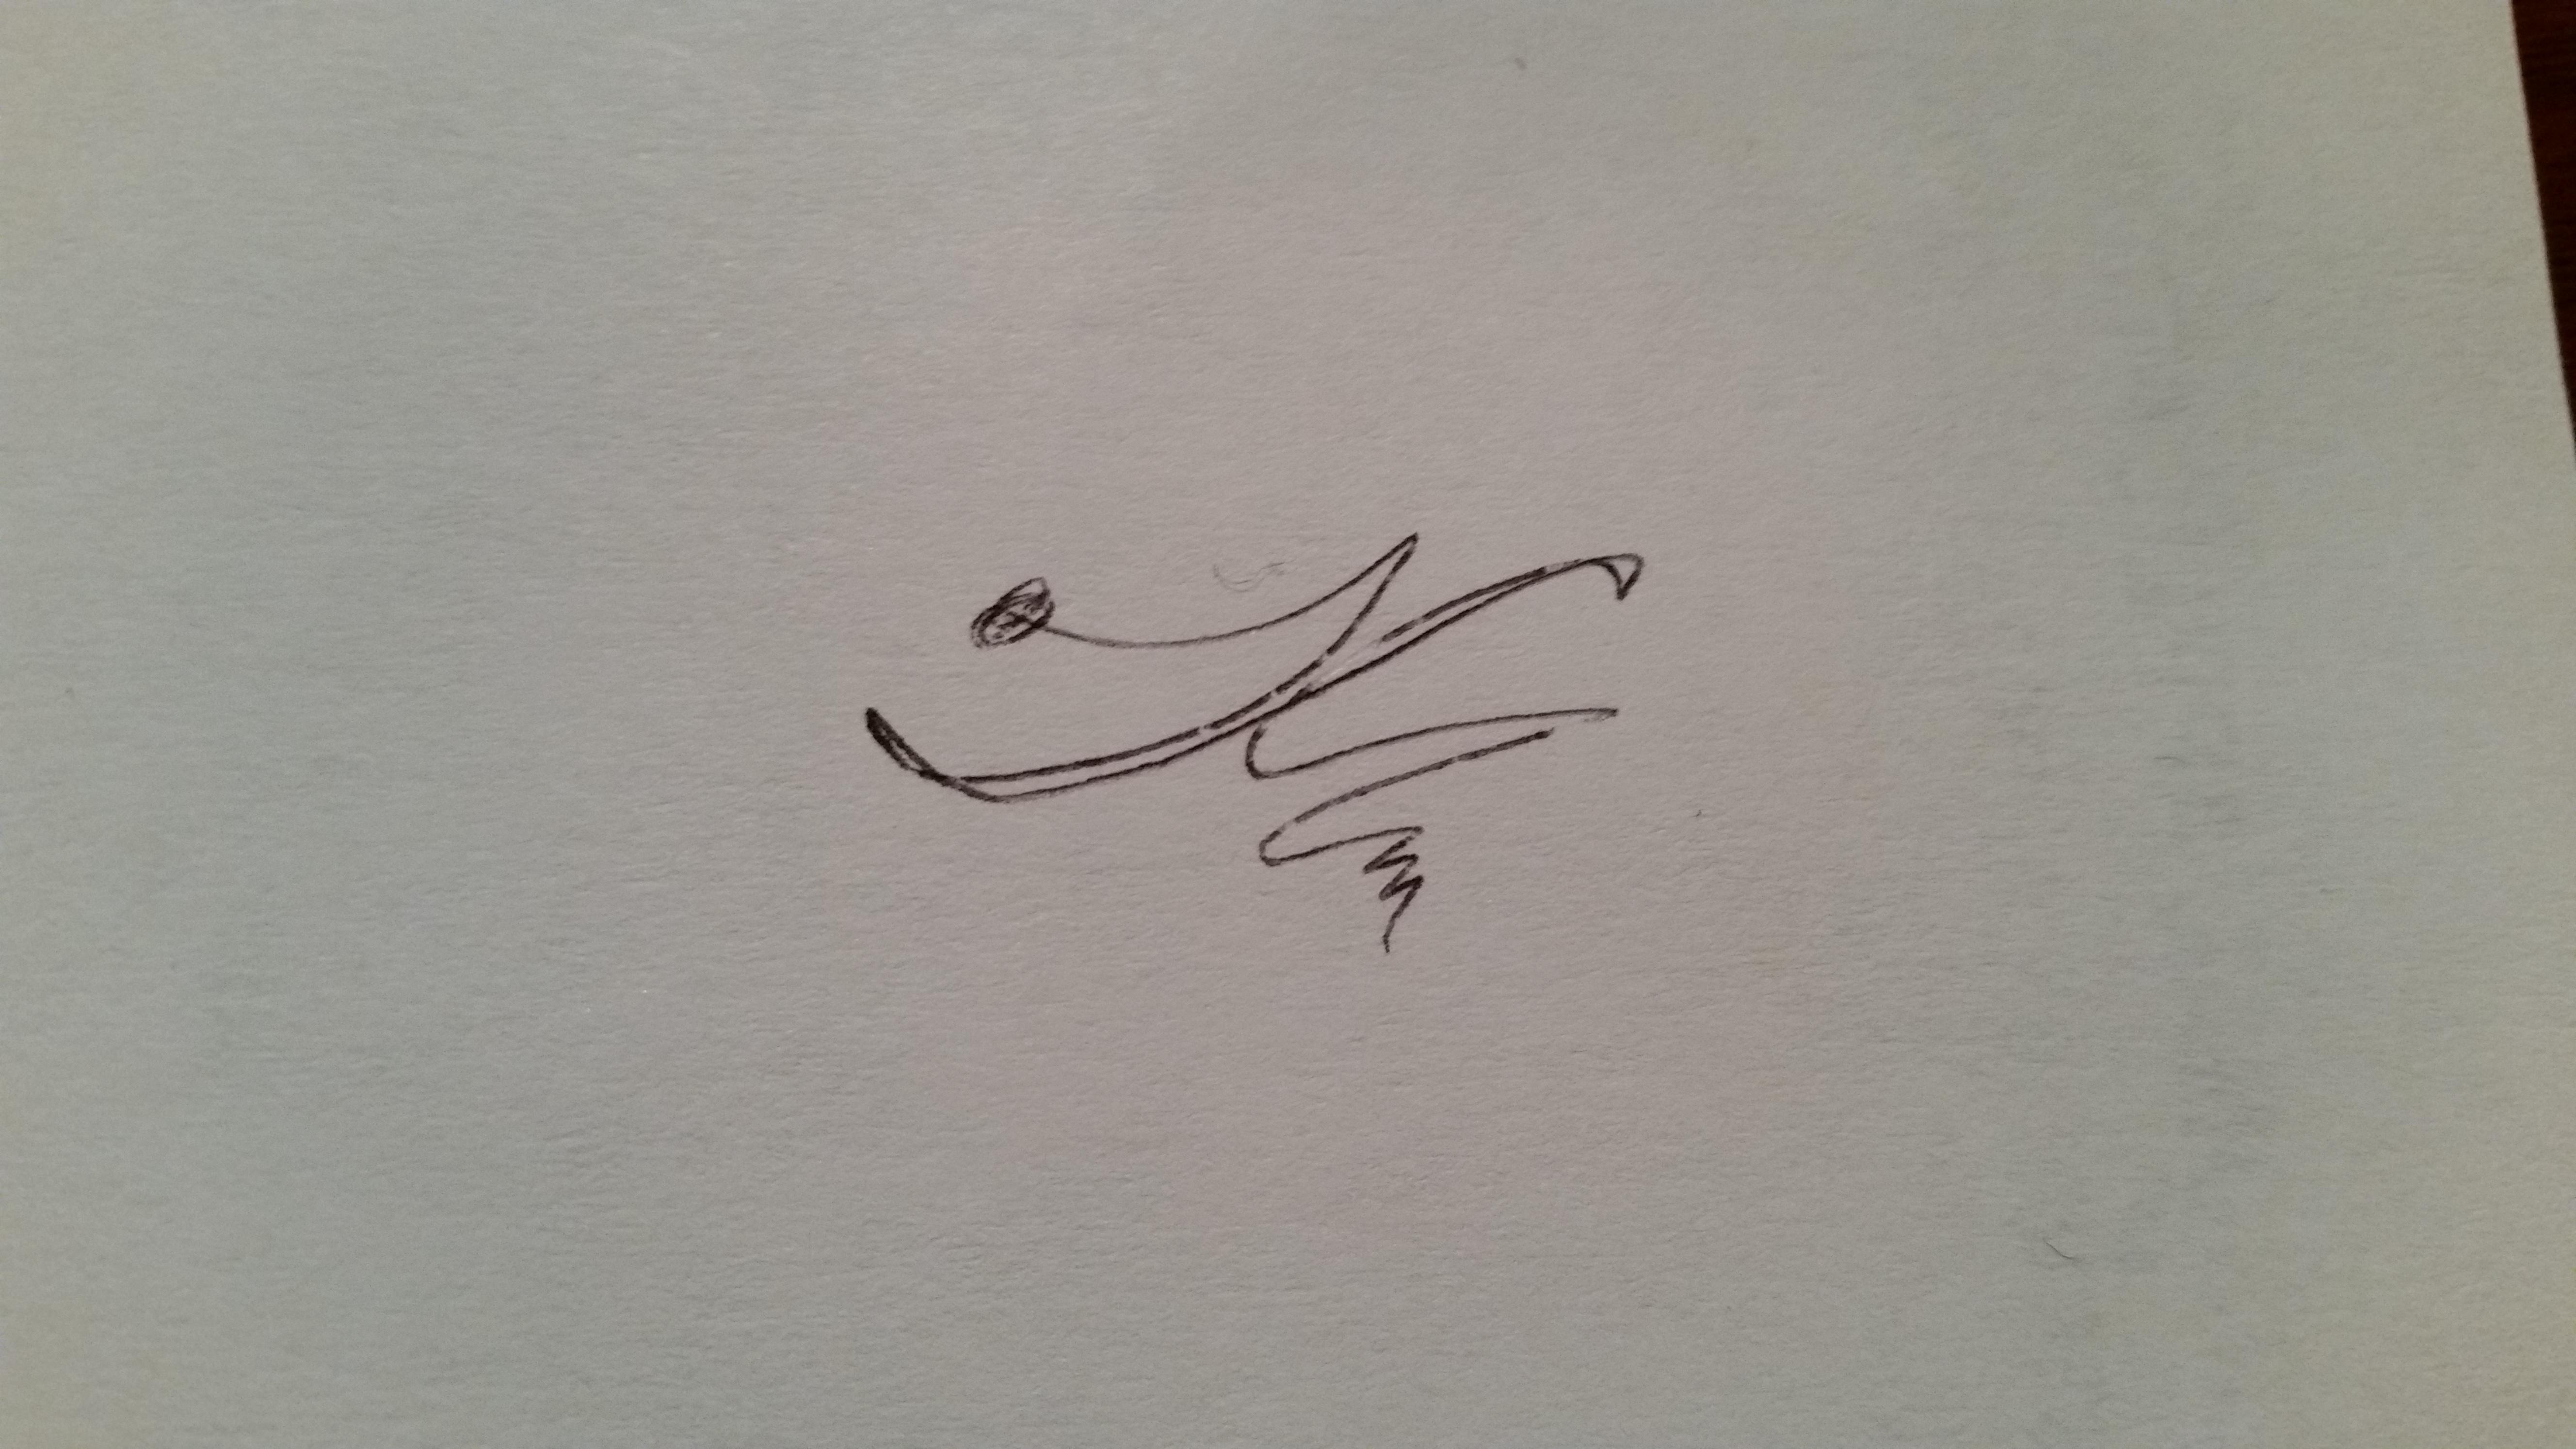 t.c. shabazz Signature